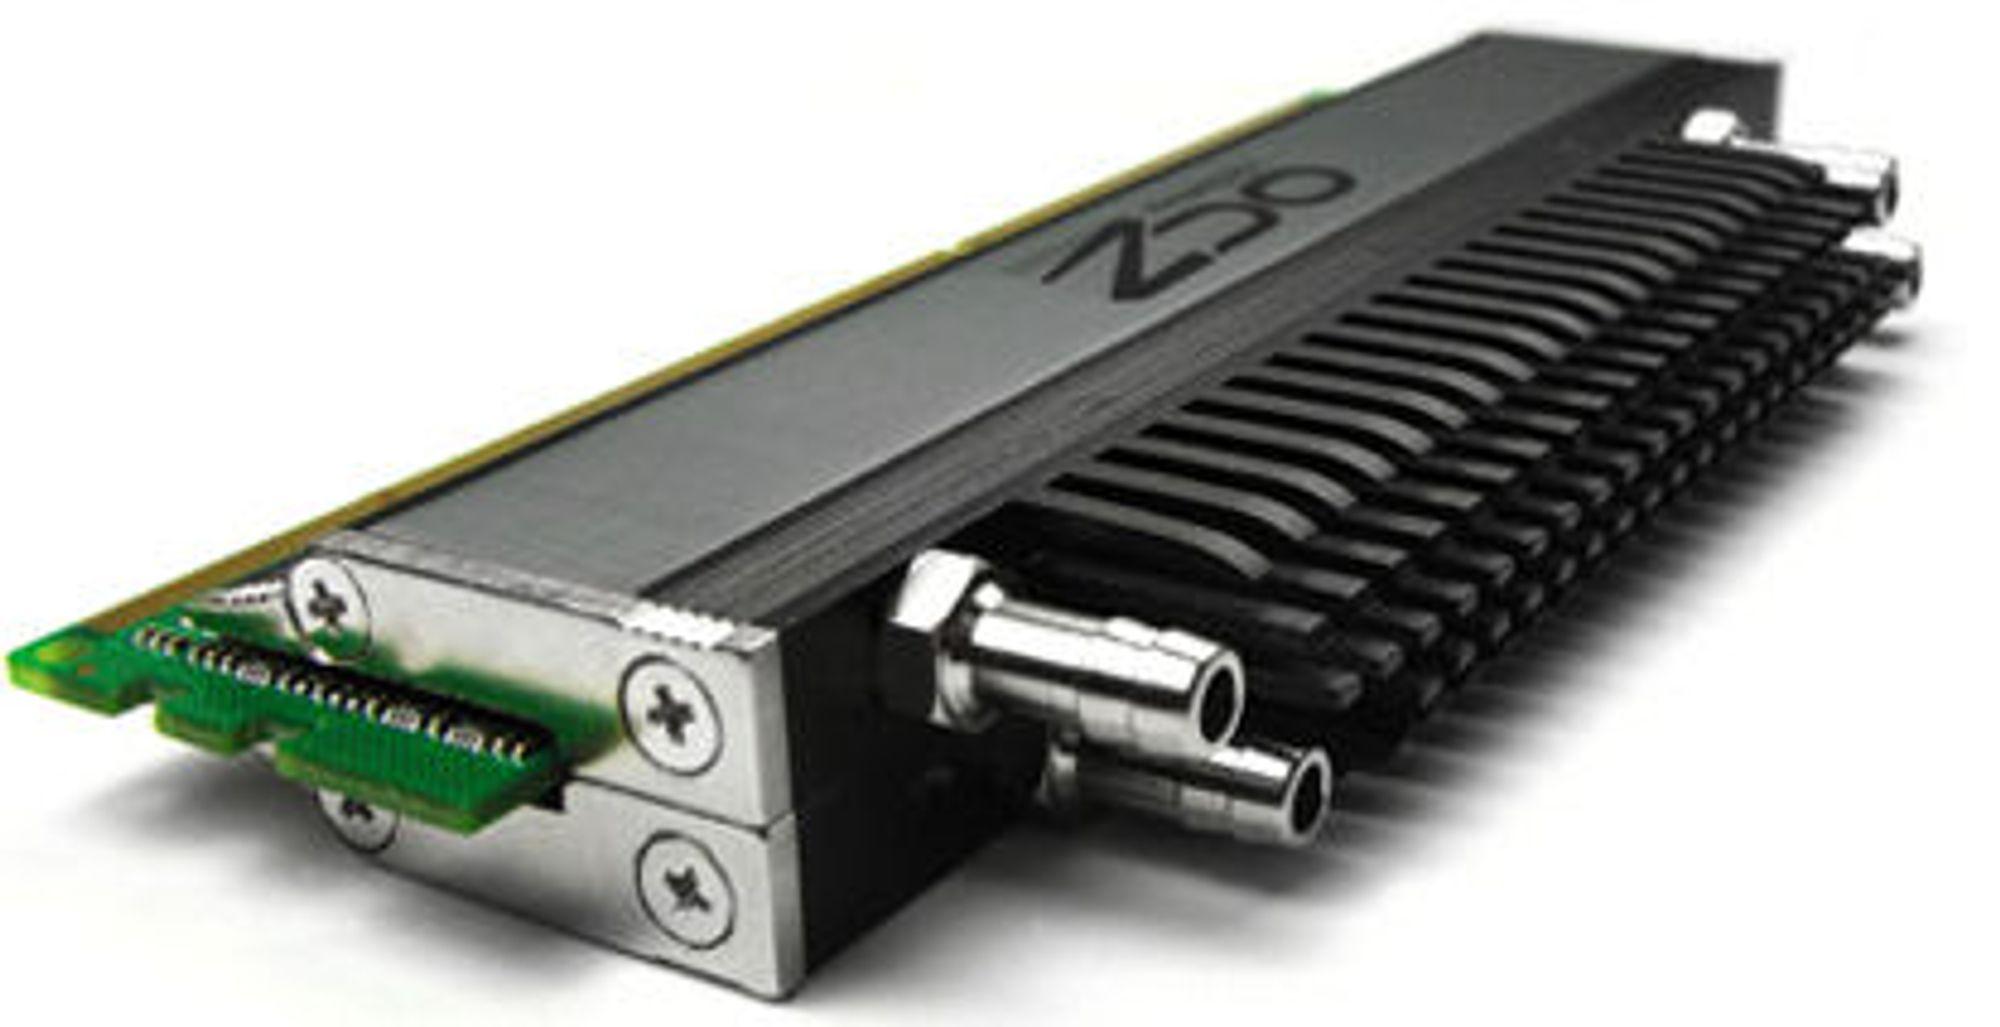 OCZ PC2-9200 Flex II 4 GB